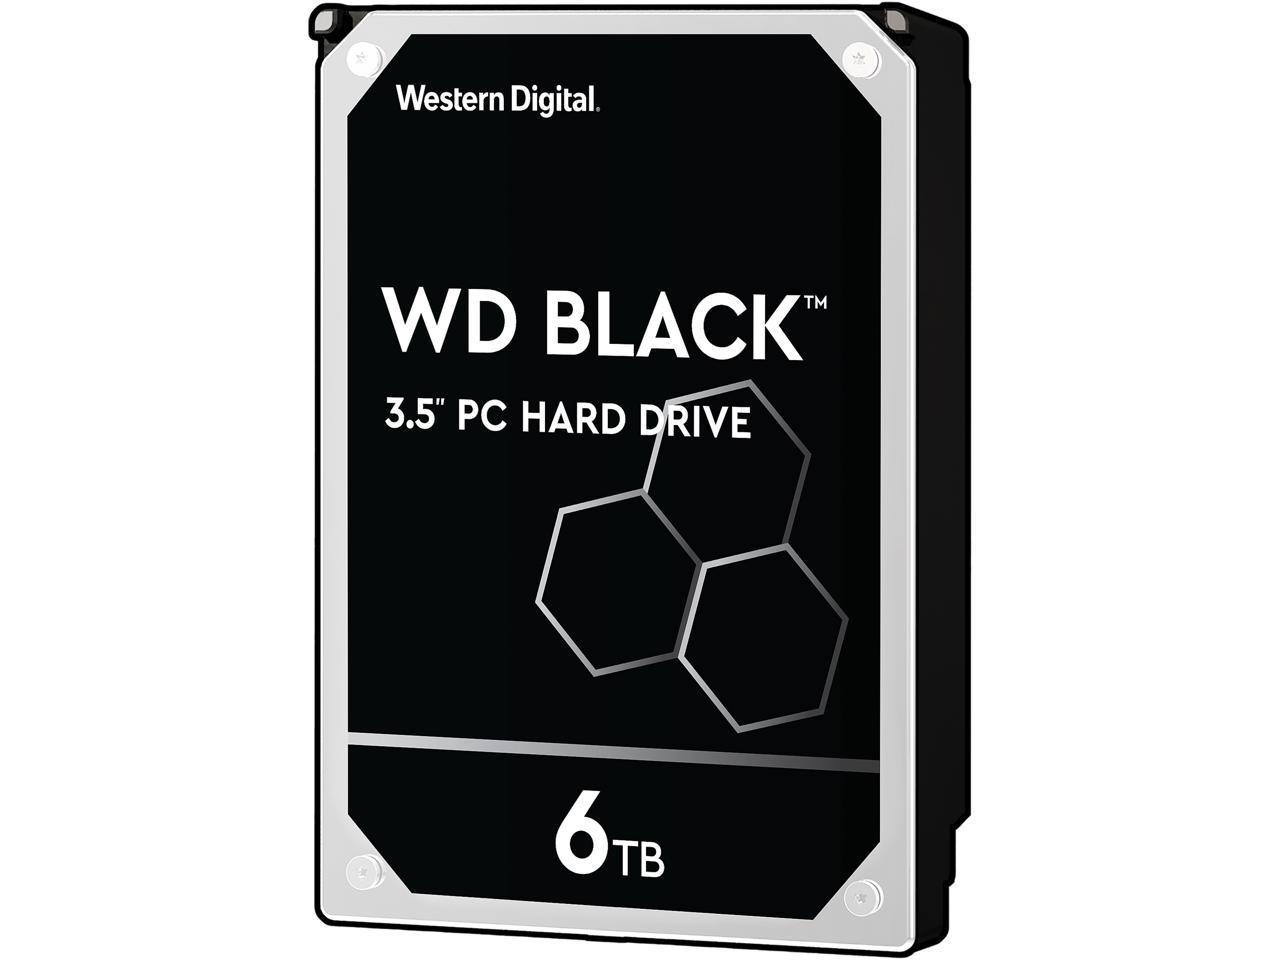 WD Black 6TB hard drive, YMMV $126.25